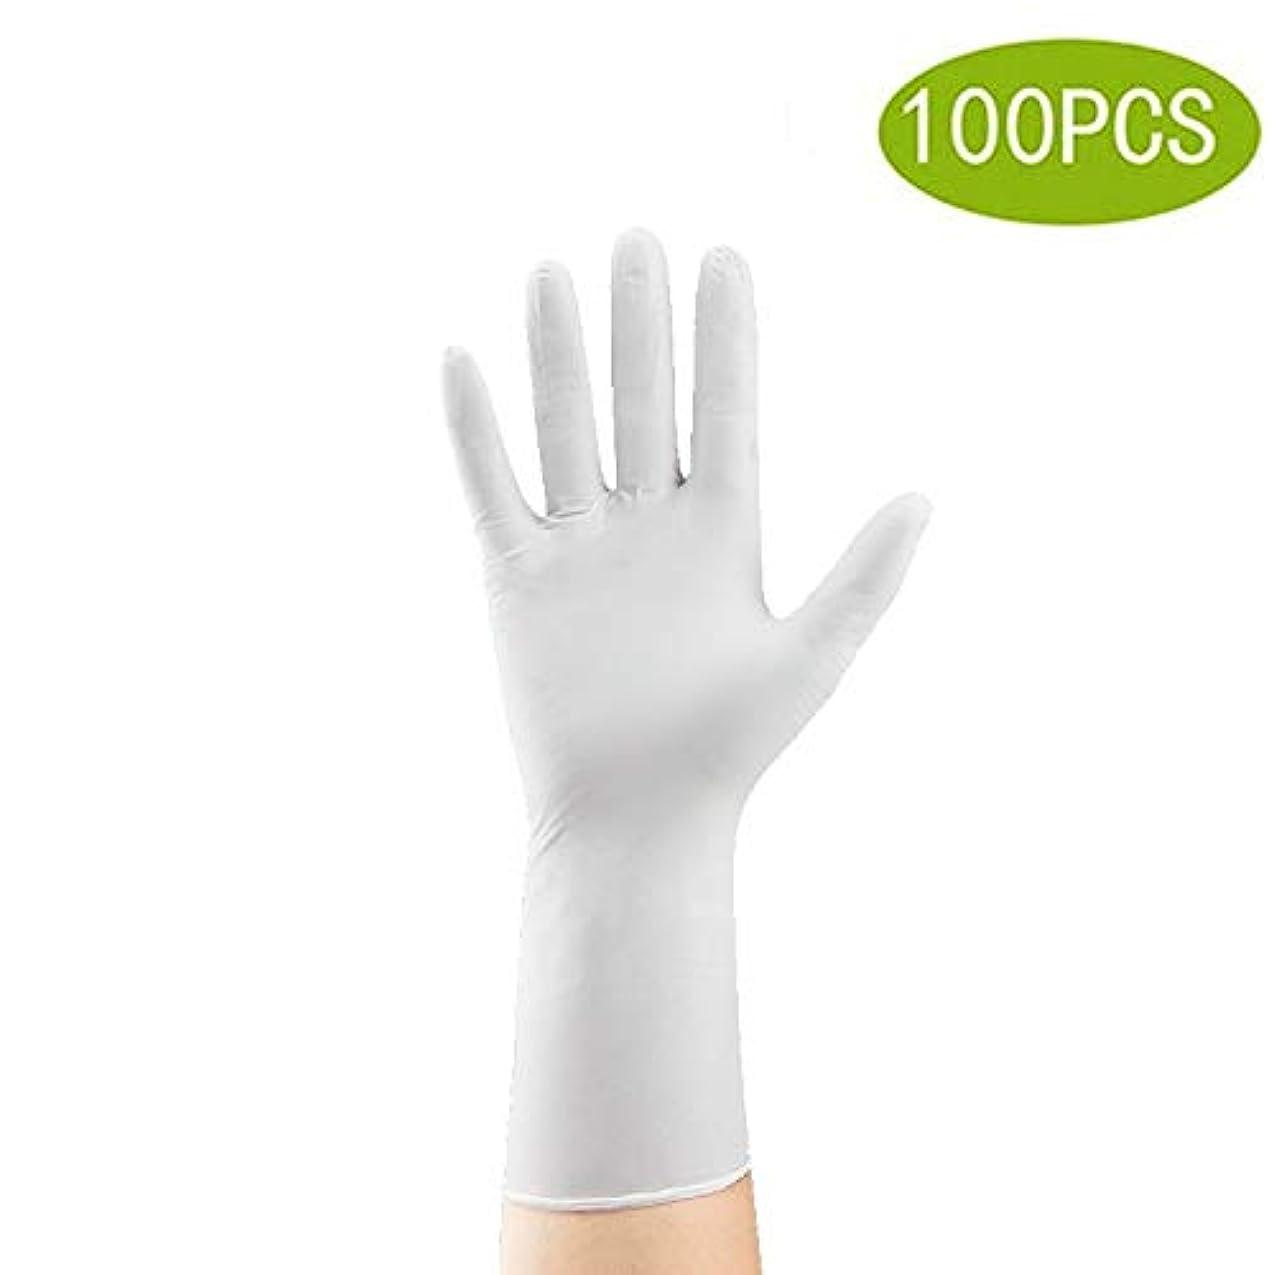 供給数学的な支給12インチメディカル試験ラテックス手袋| Jewelry-stores.co.uk5ミル厚、100個入りパウダーフリー、無菌、頑丈な試験用手袋|病院用プロフェッショナルグレード、法執行機関、使い捨て安全手袋 (Size...